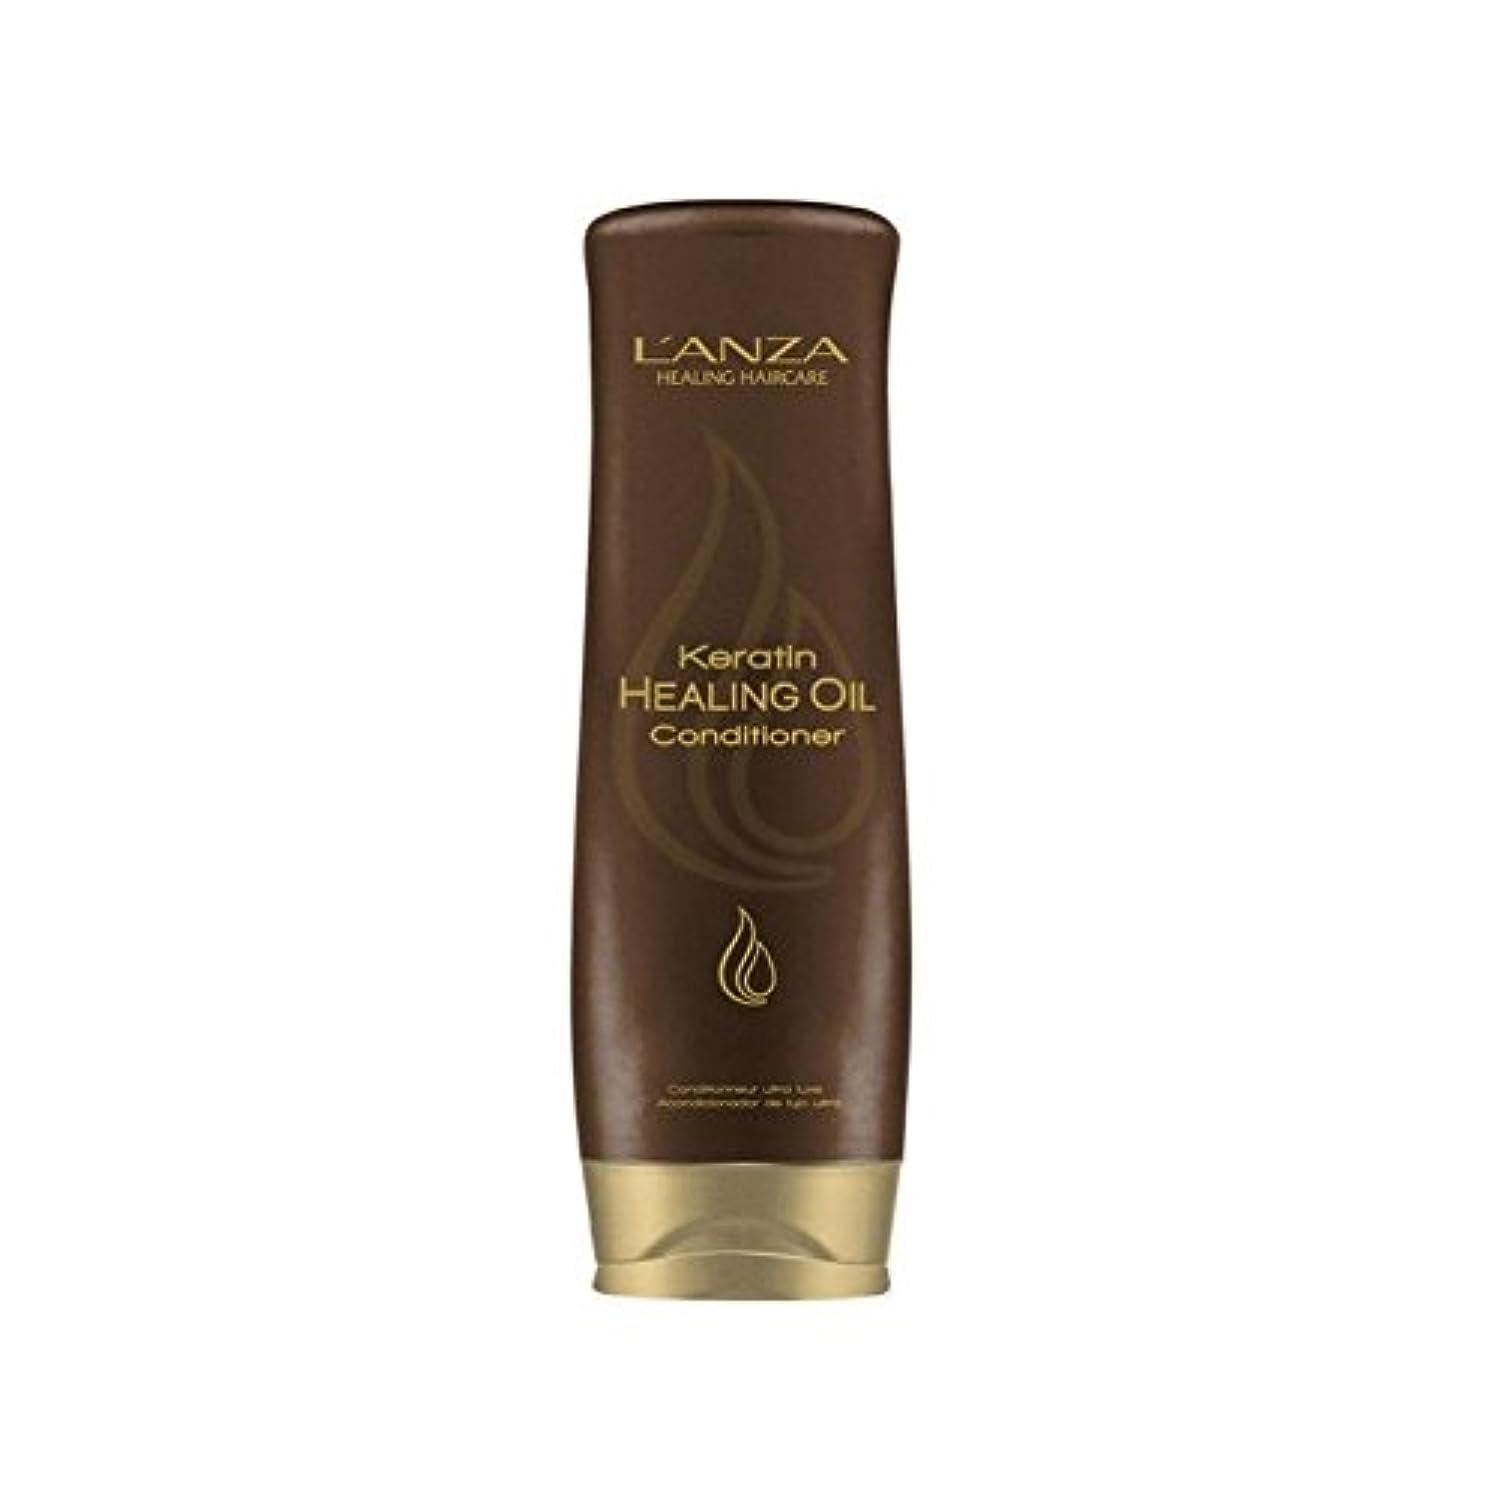 解明灰一月L'Anza Keratin Healing Oil Conditioner (250ml) (Pack of 6) - アンザケラチンオイルコンディショナー(250ミリリットル)を癒し x6 [並行輸入品]